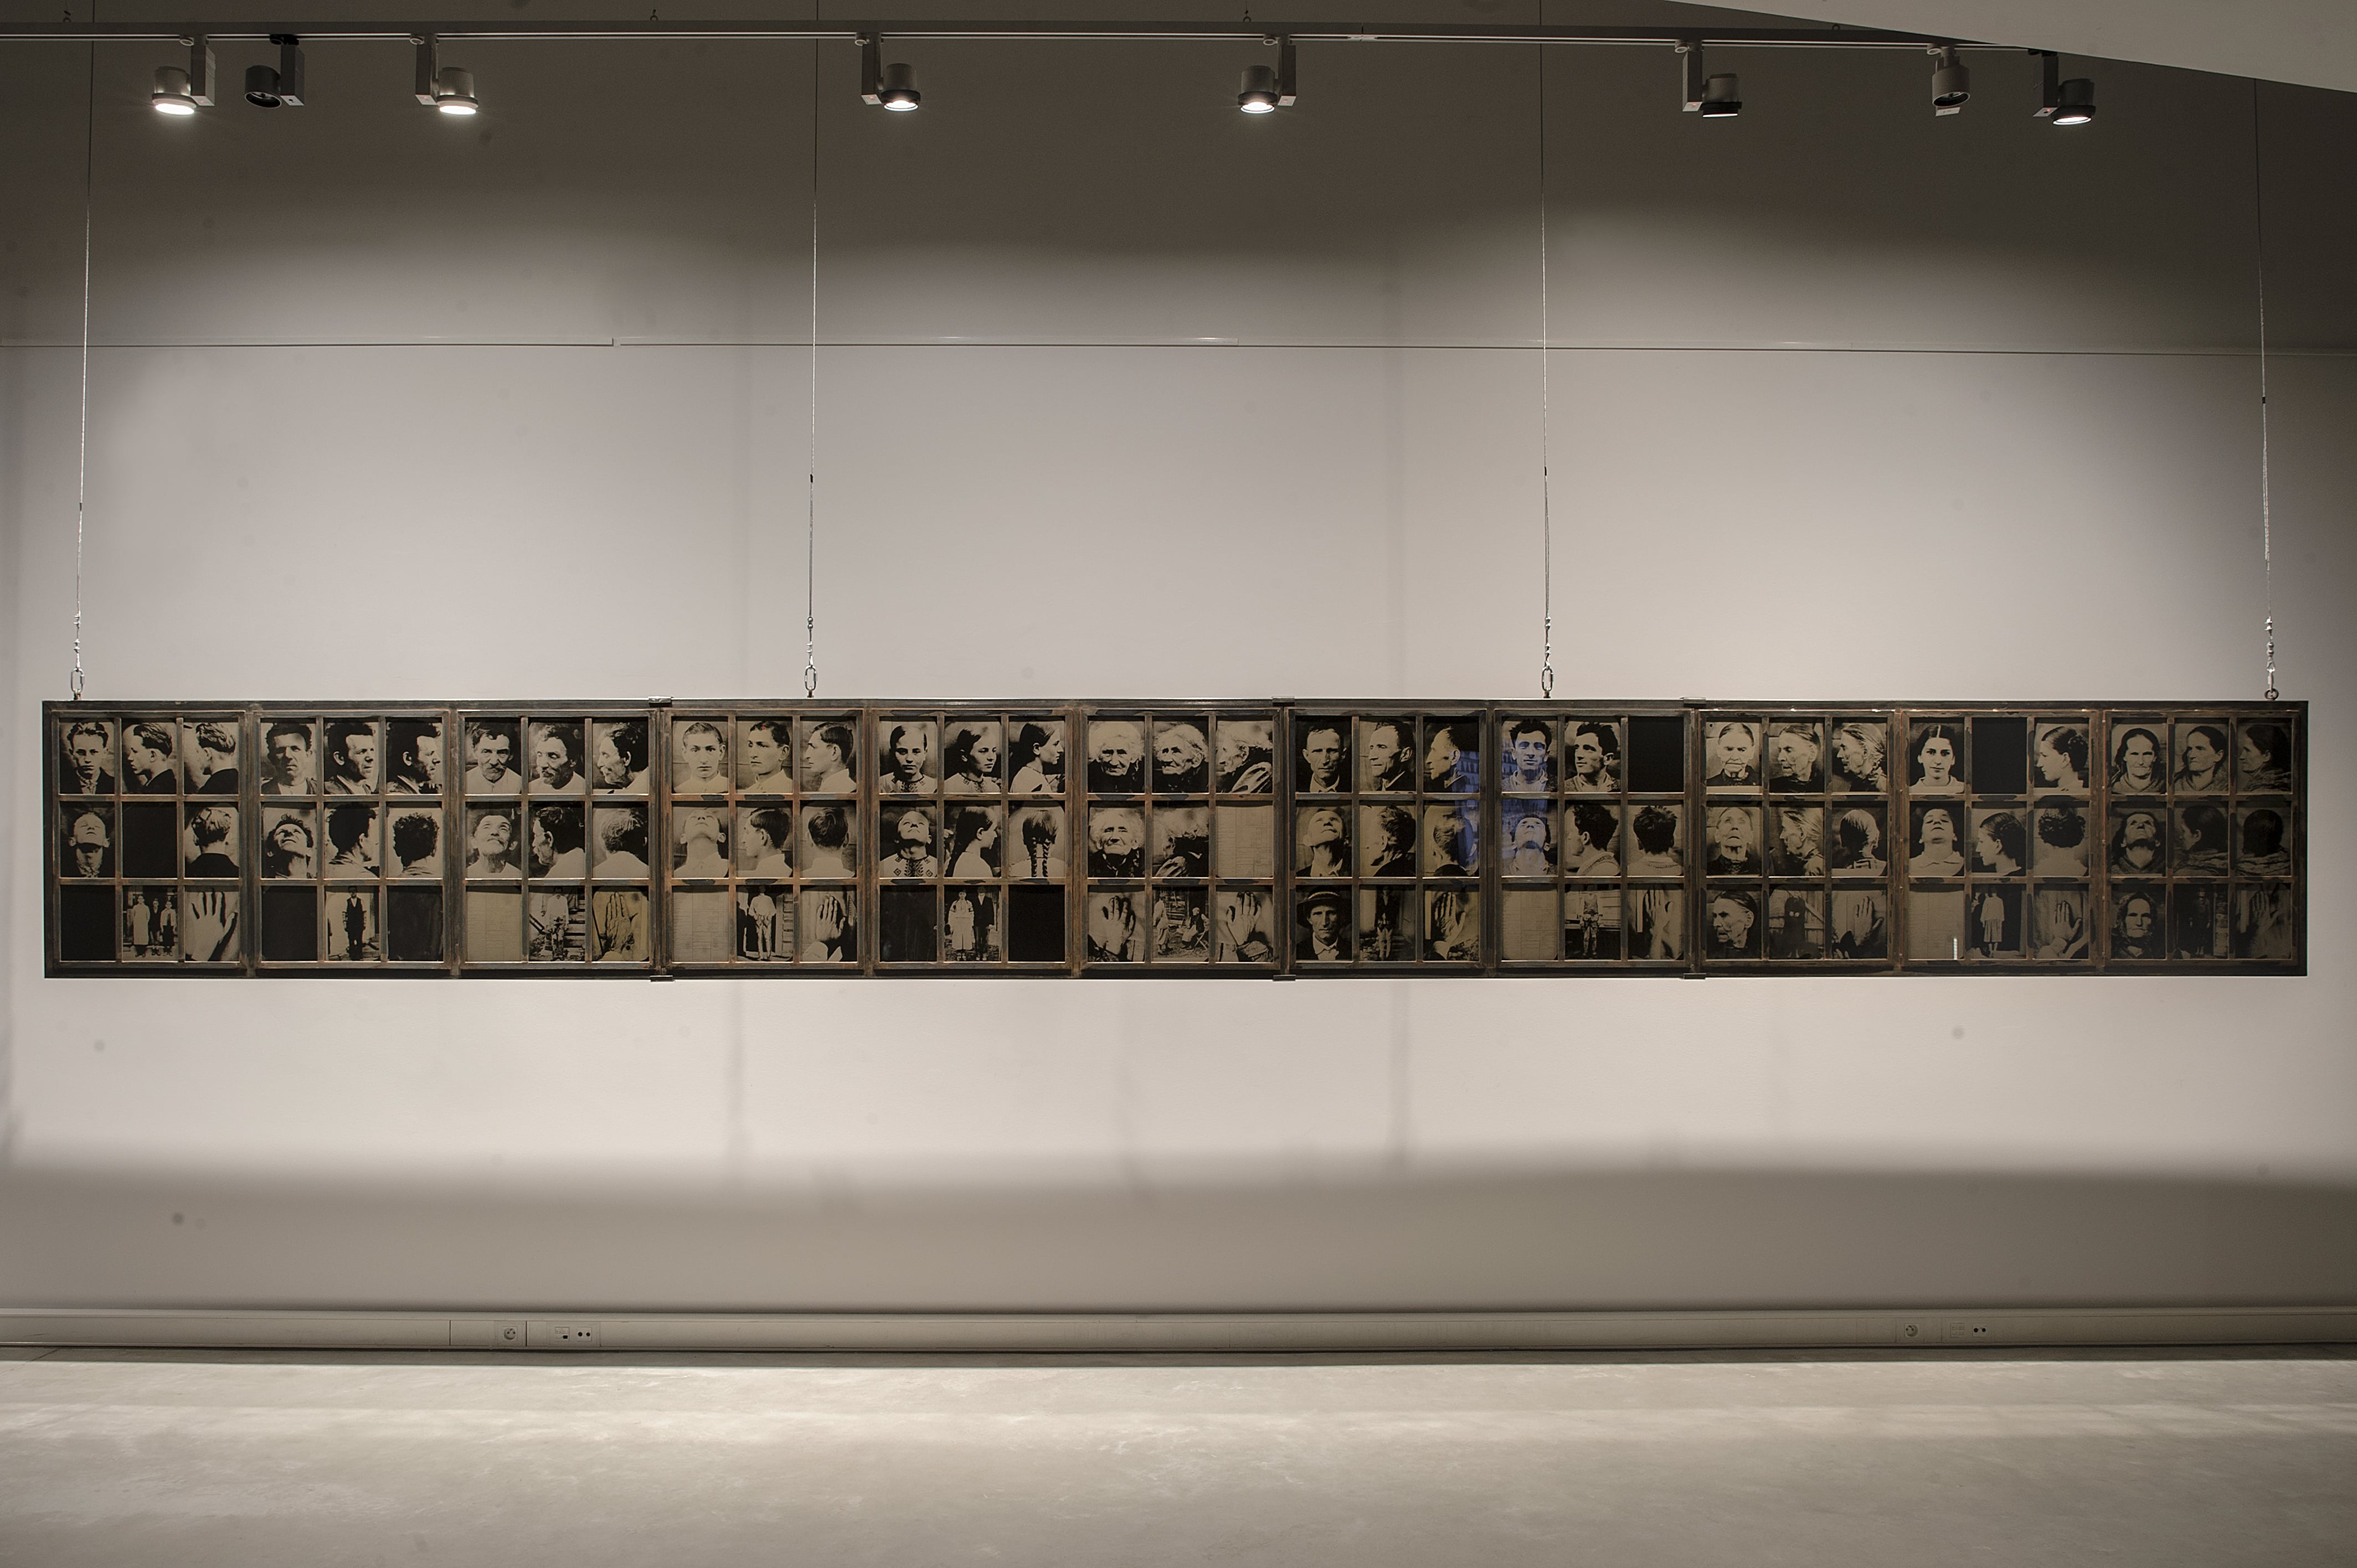 """Dorota Nieznalska, """"Przemoc i pamięć. Badania SRV Sektion Rassen- und Volkstumsforschung (pamięci mojej Rodziny oraz tych, którzy w 1947 r. doświadczyli przymusowych wysiedleń podczas """"Akcji Wisła"""")"""", fot. Bogna Kociumbas/Muzeum Miasta (źródło: materiały prasowe organizatora)"""